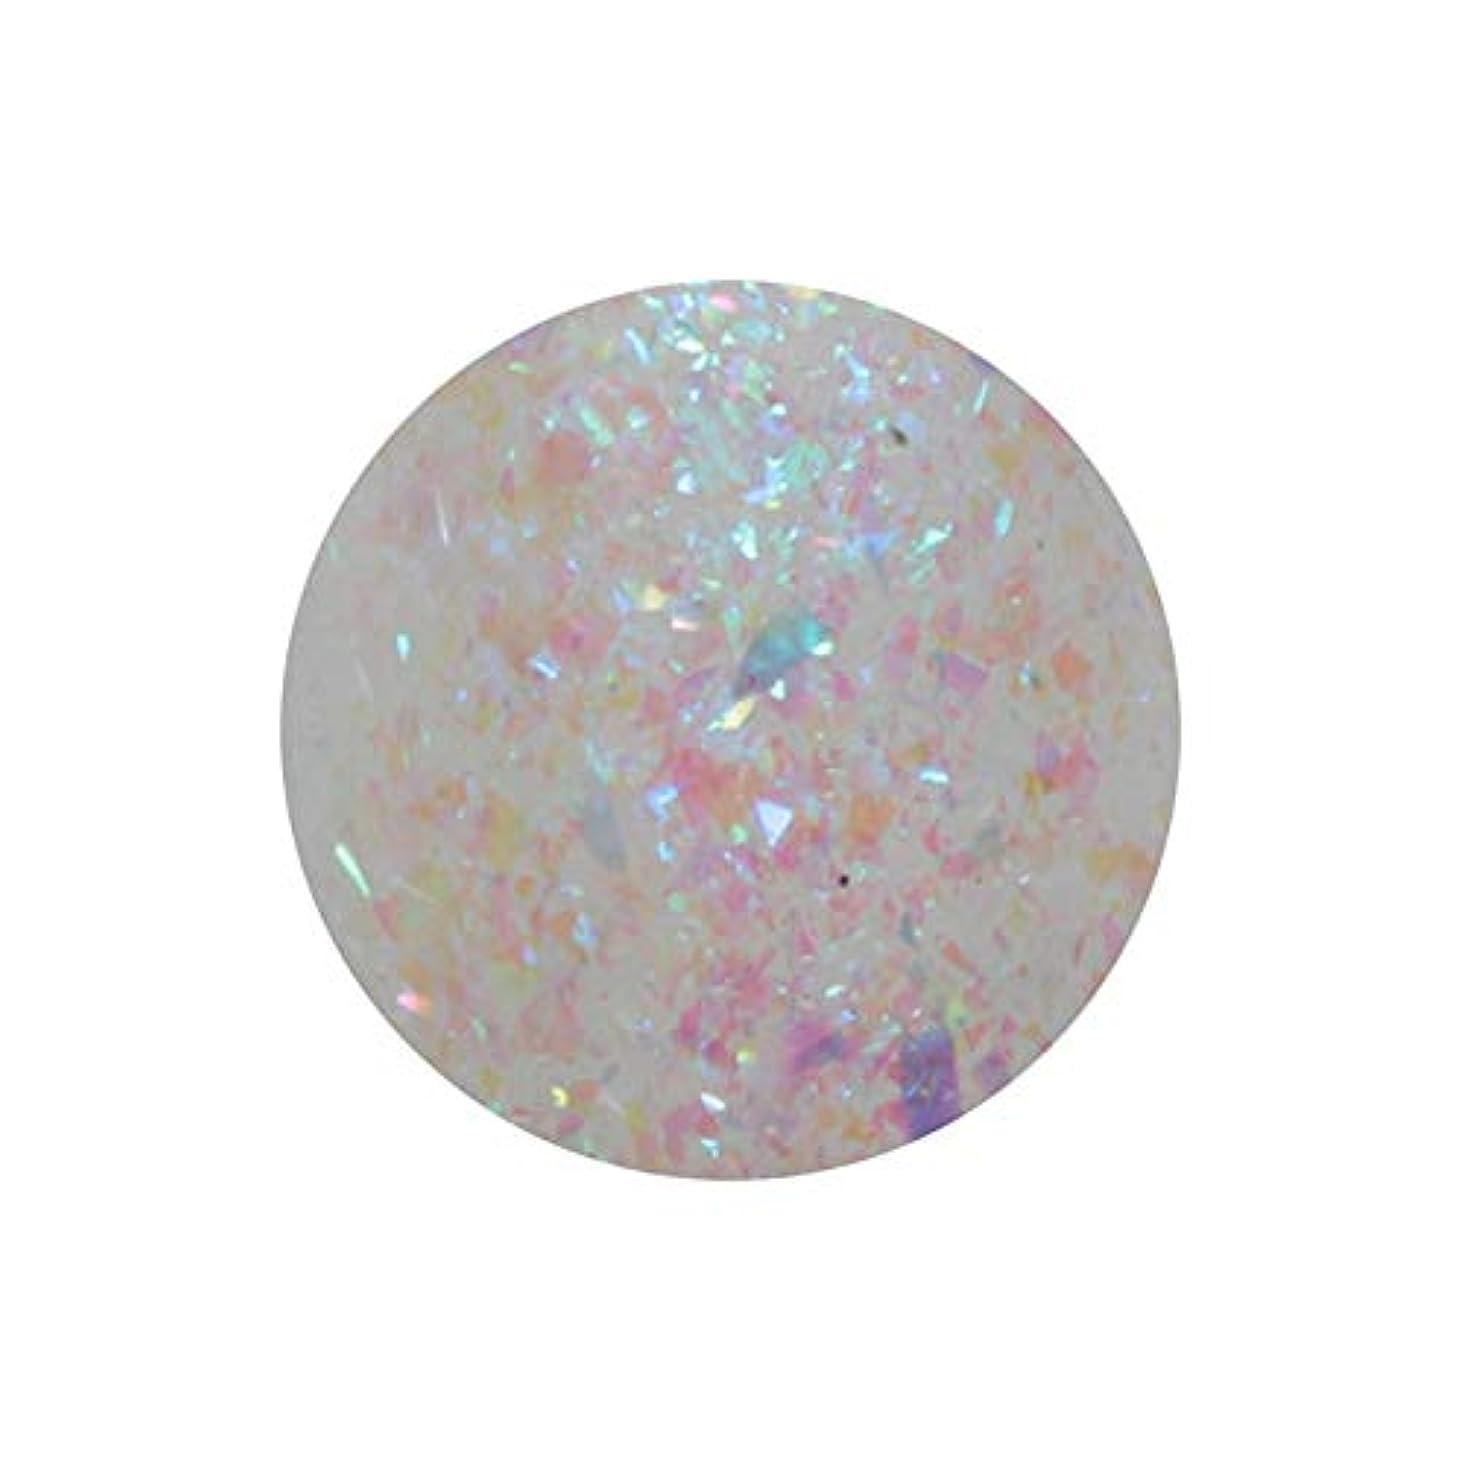 【NEW】T-GEL COLLECTION TINY T004 ホログラフィーブルーグリーン 8ml